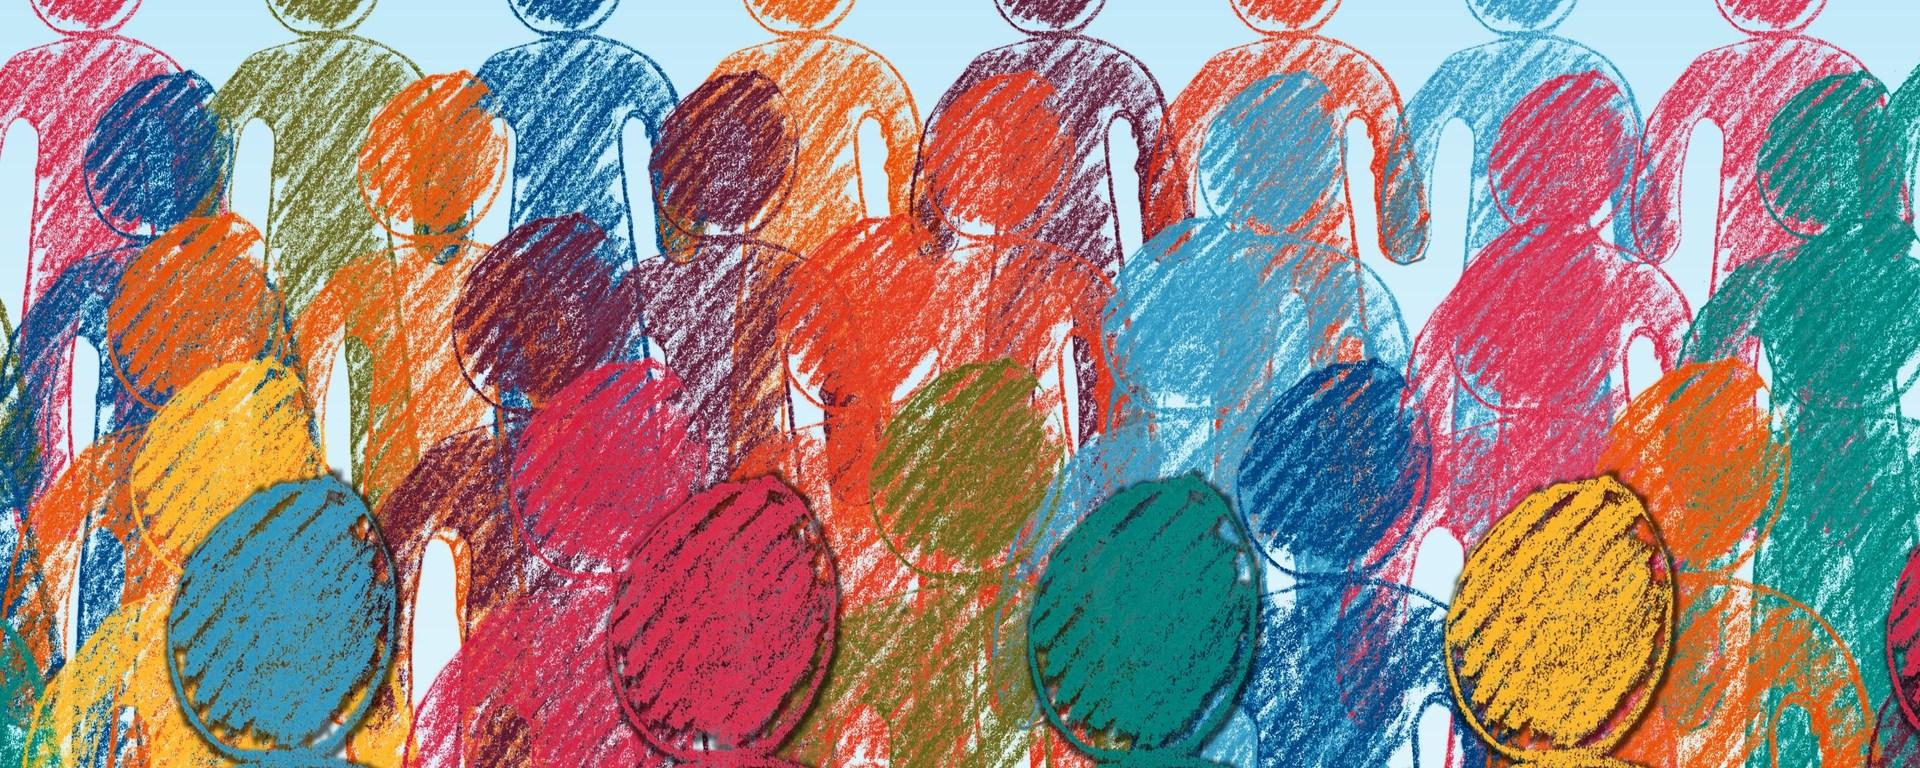 Master's in Community Health vs. Public Health | Goodwin ...